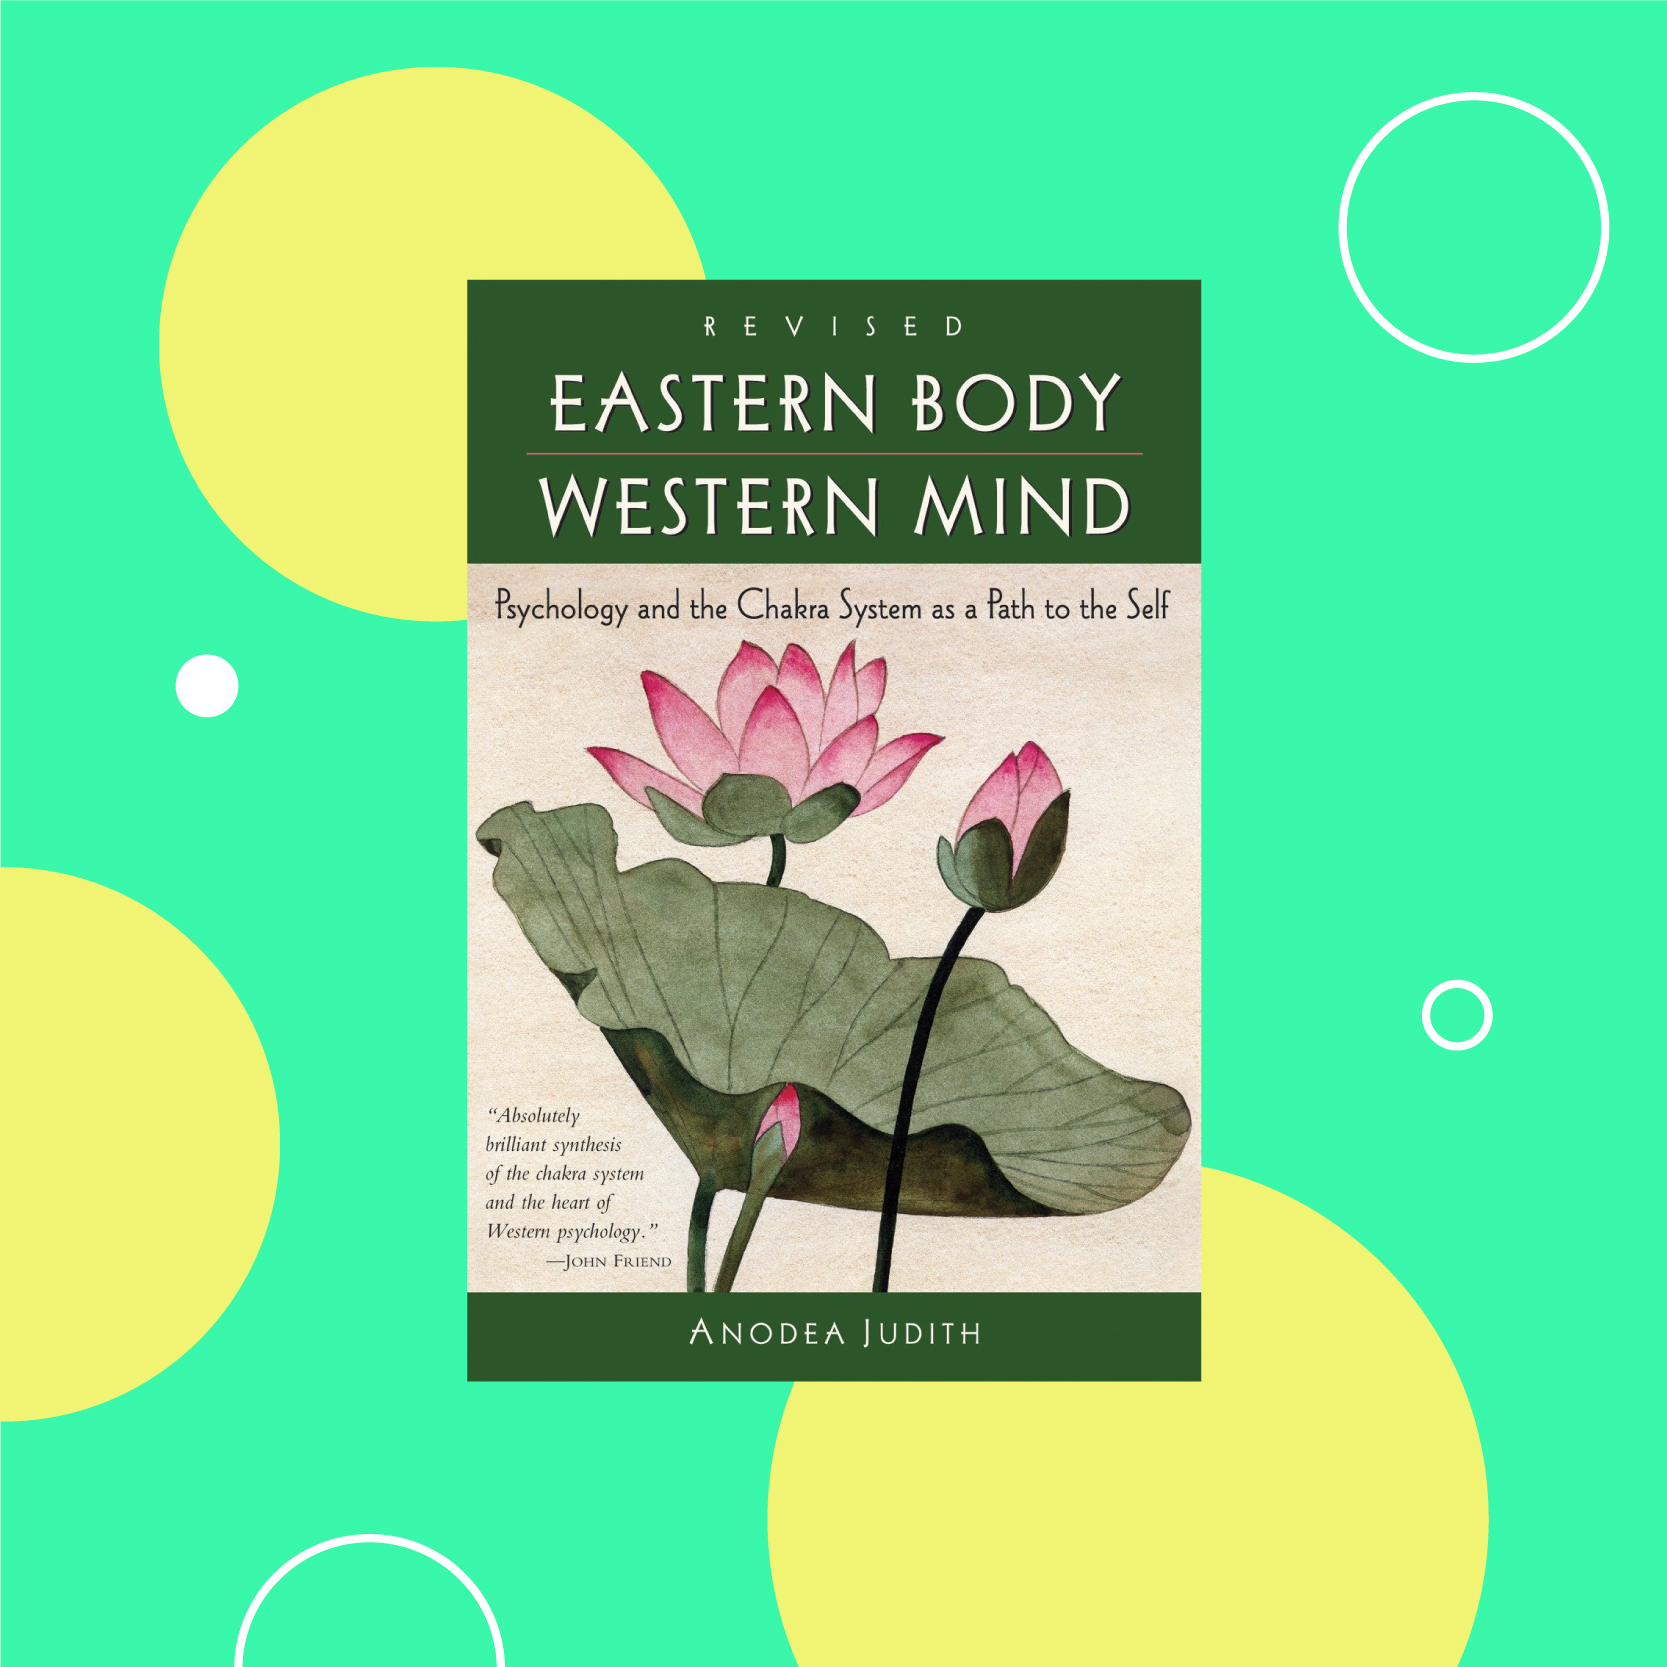 Eastern-Body-Western-Mind.jpg